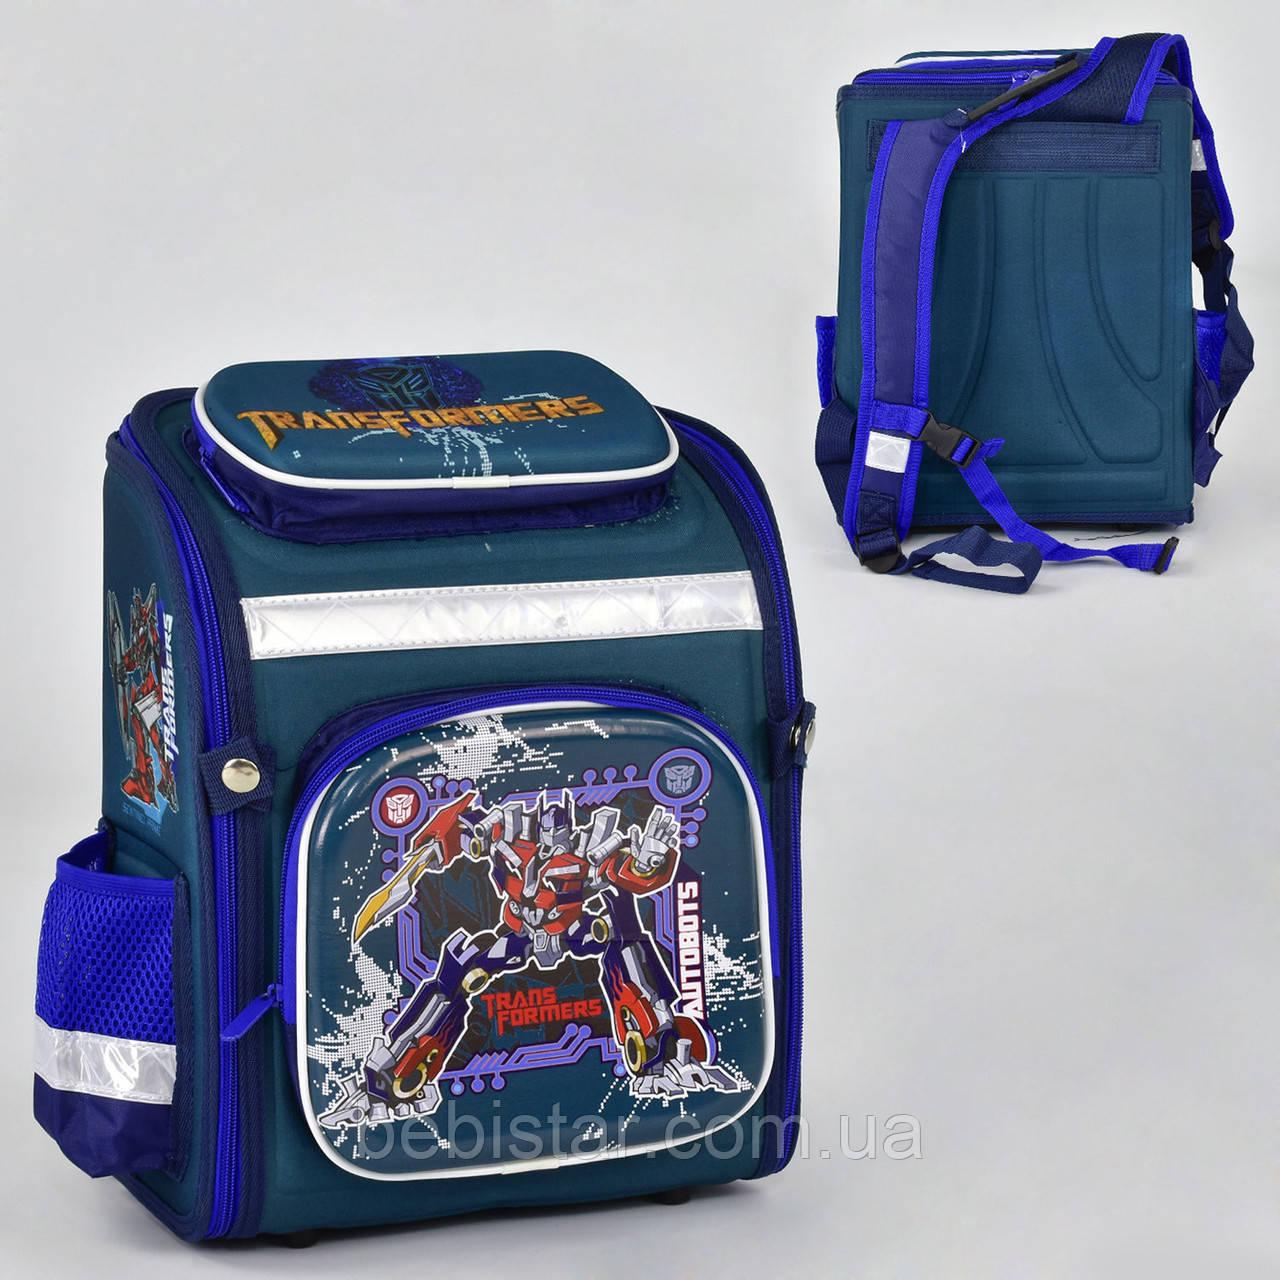 Школьный рюкзак ортопедическая спинка 3 кармана с изображением Трансформеры